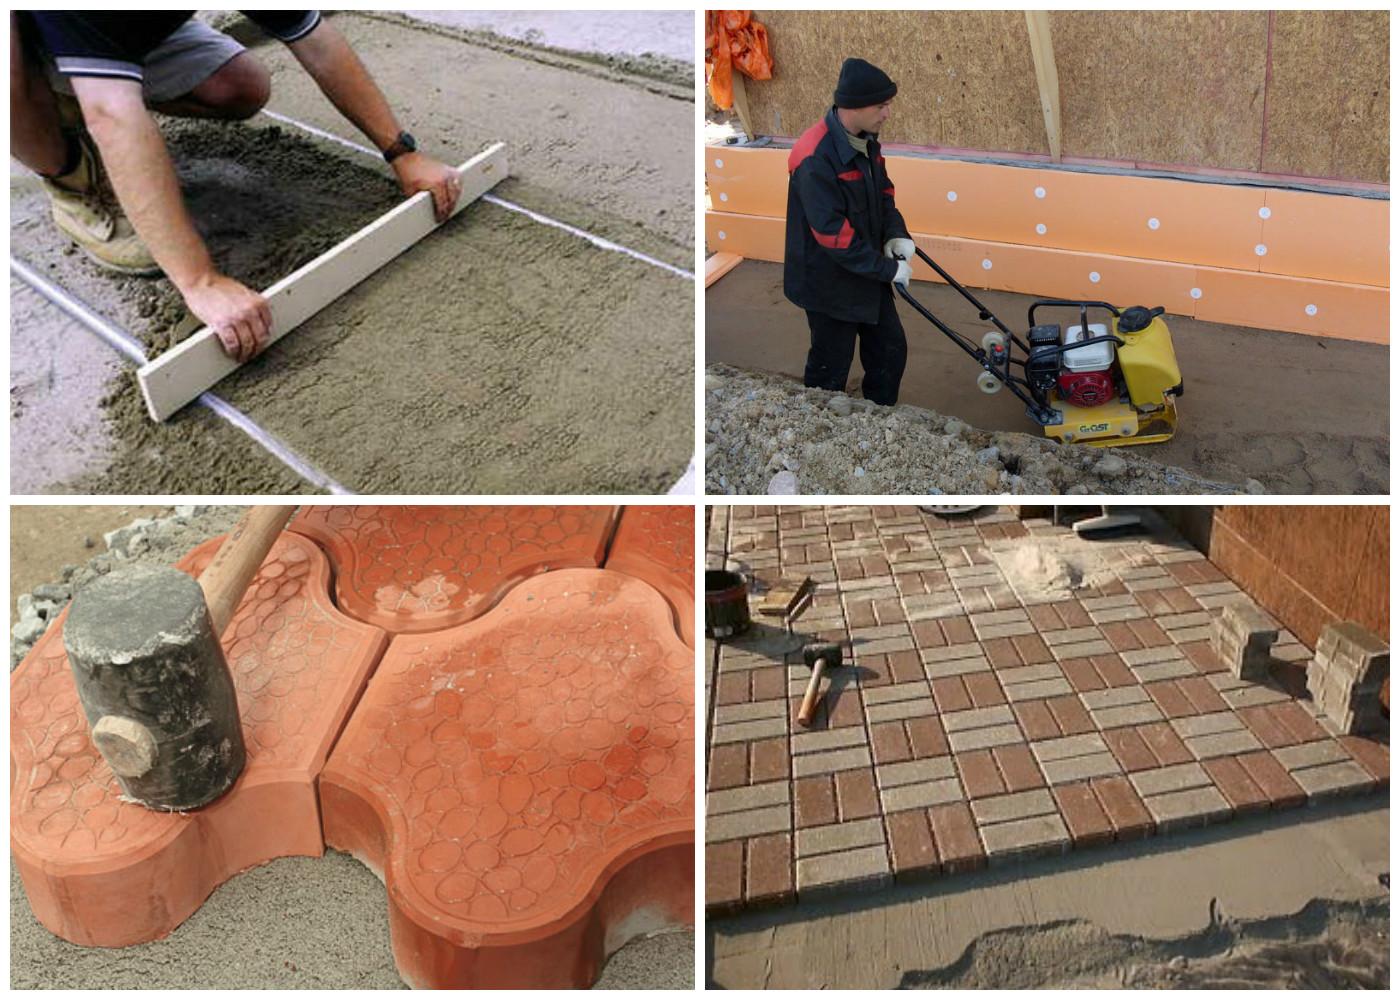 Укладка вибропрессованной тротуарной плитки брусчатки в Гулькевичи и Кропоткине по цене 1 квадратный метр